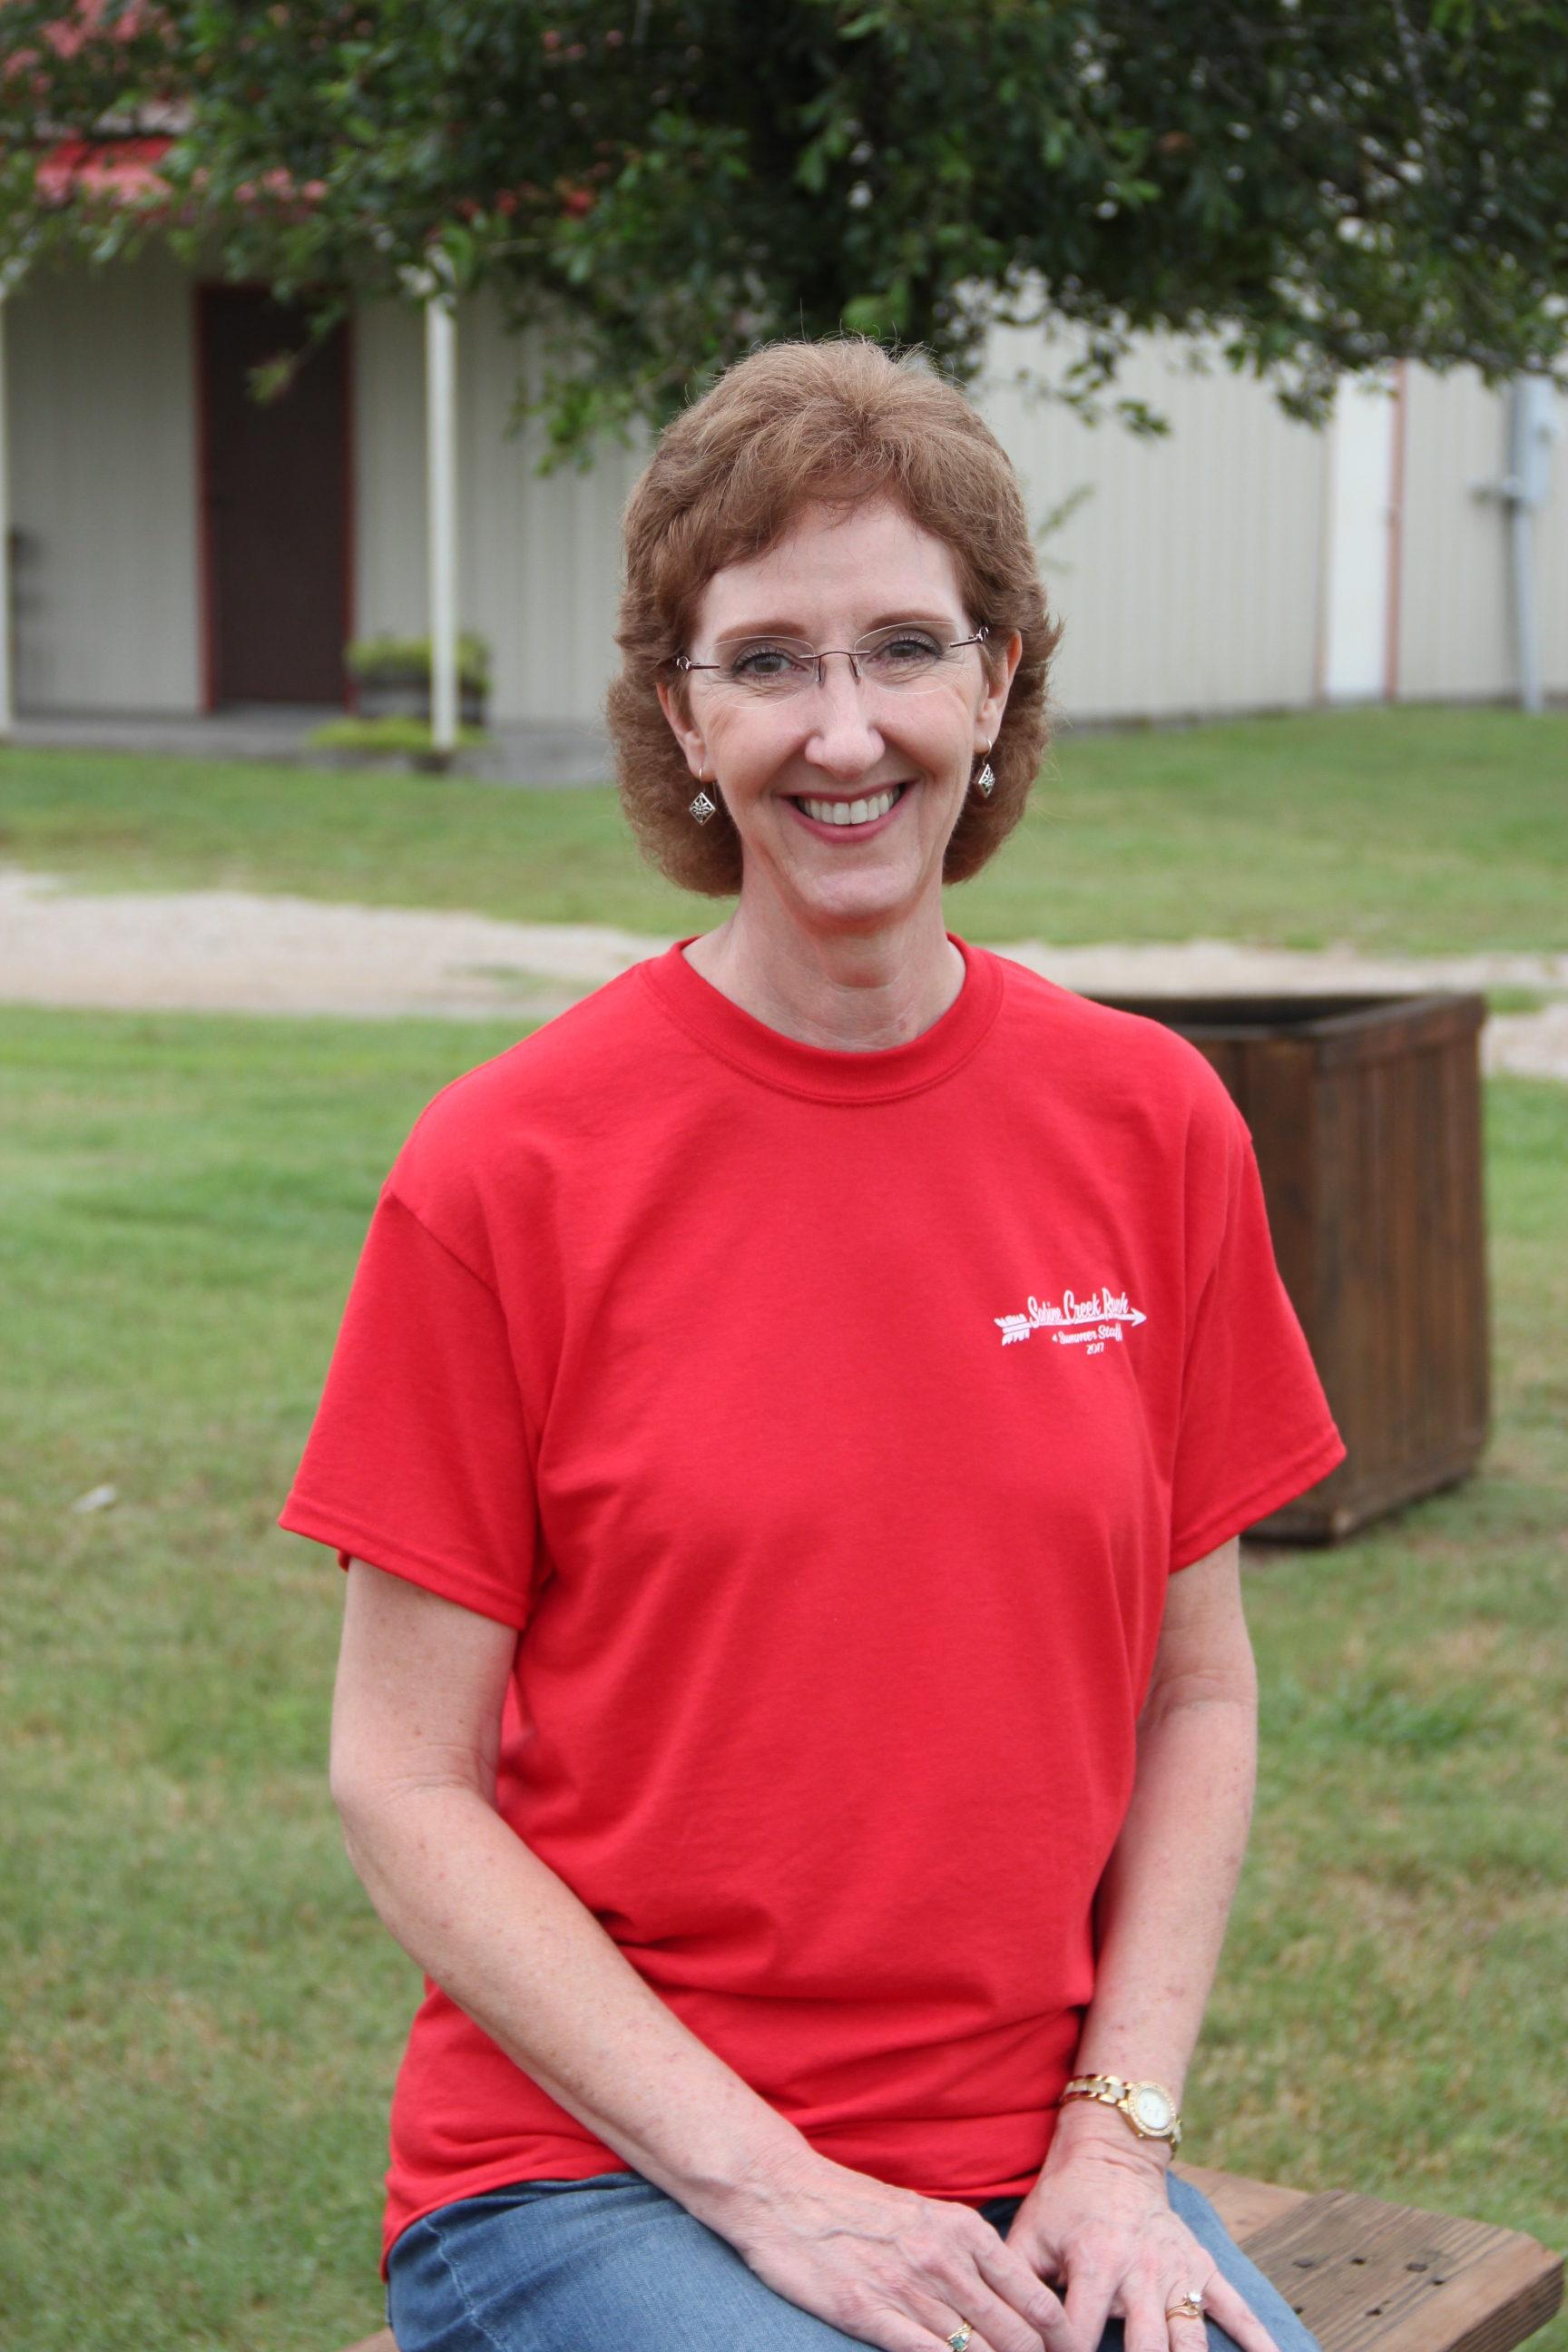 Karen Cosby